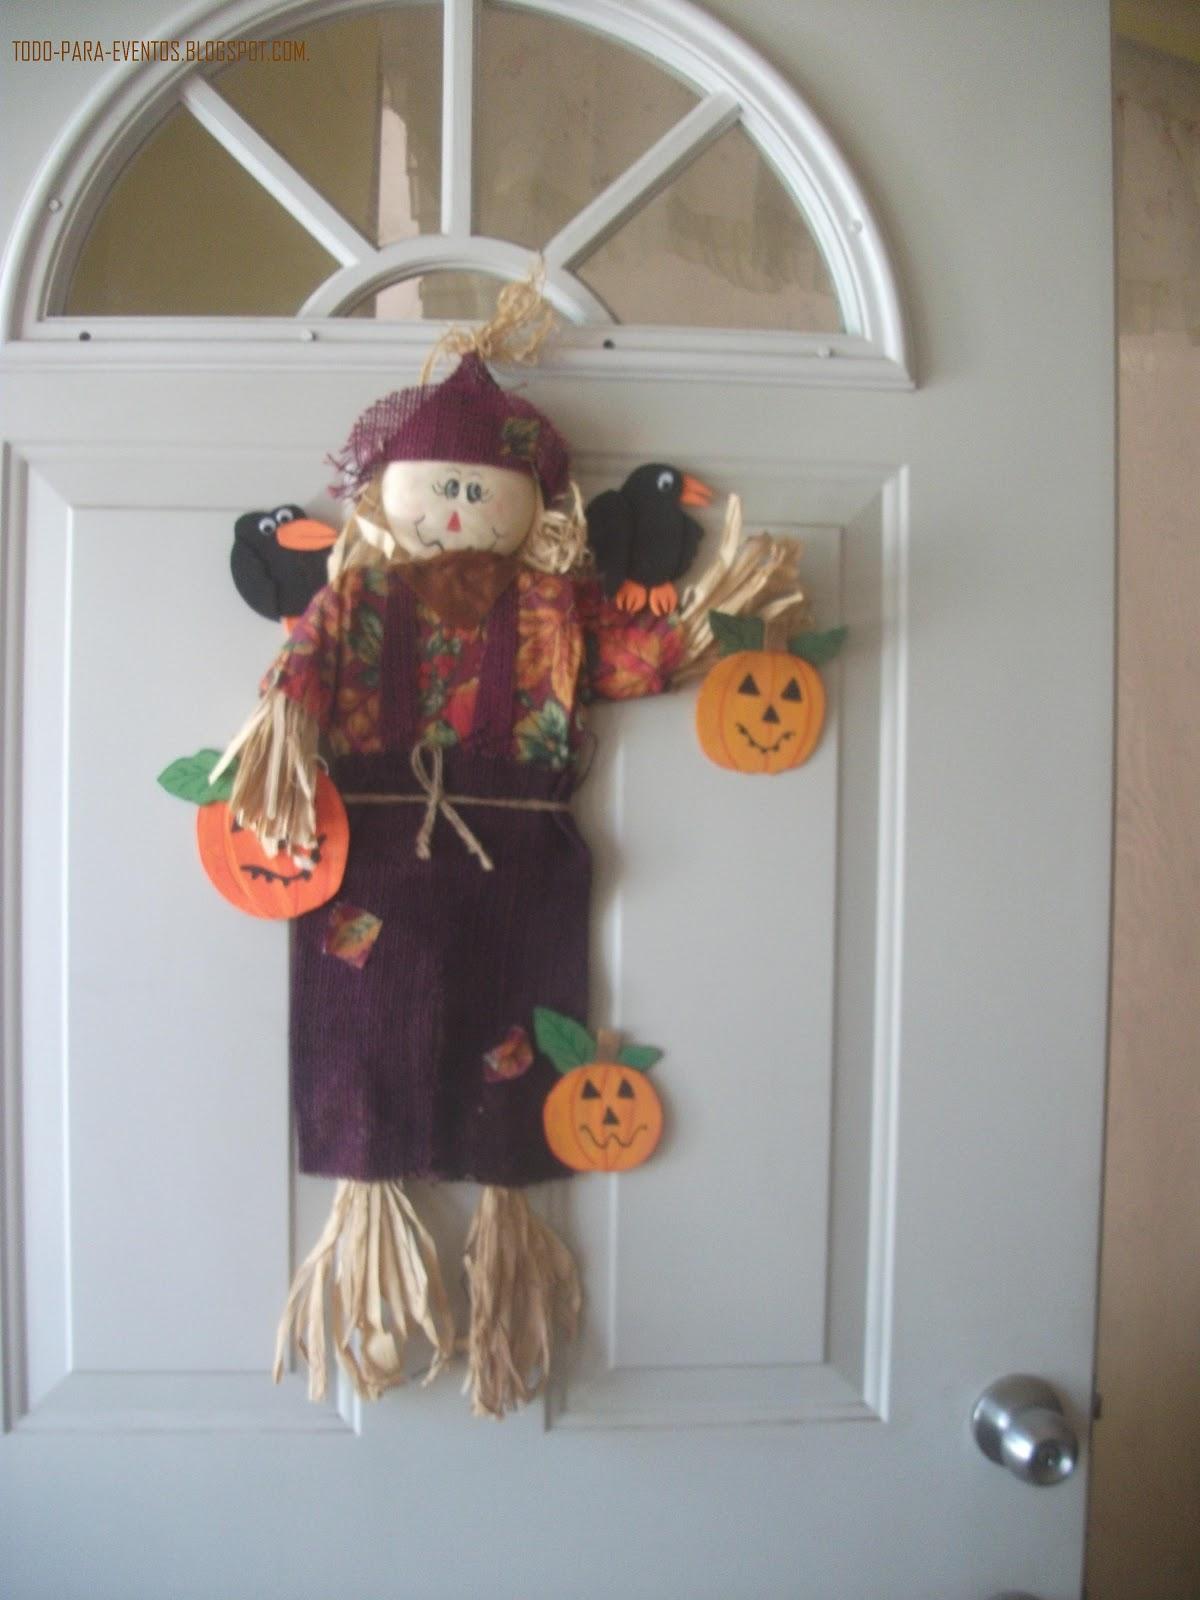 Todo para eventos decoracion de puertas for Decoracion puertas dia del nino